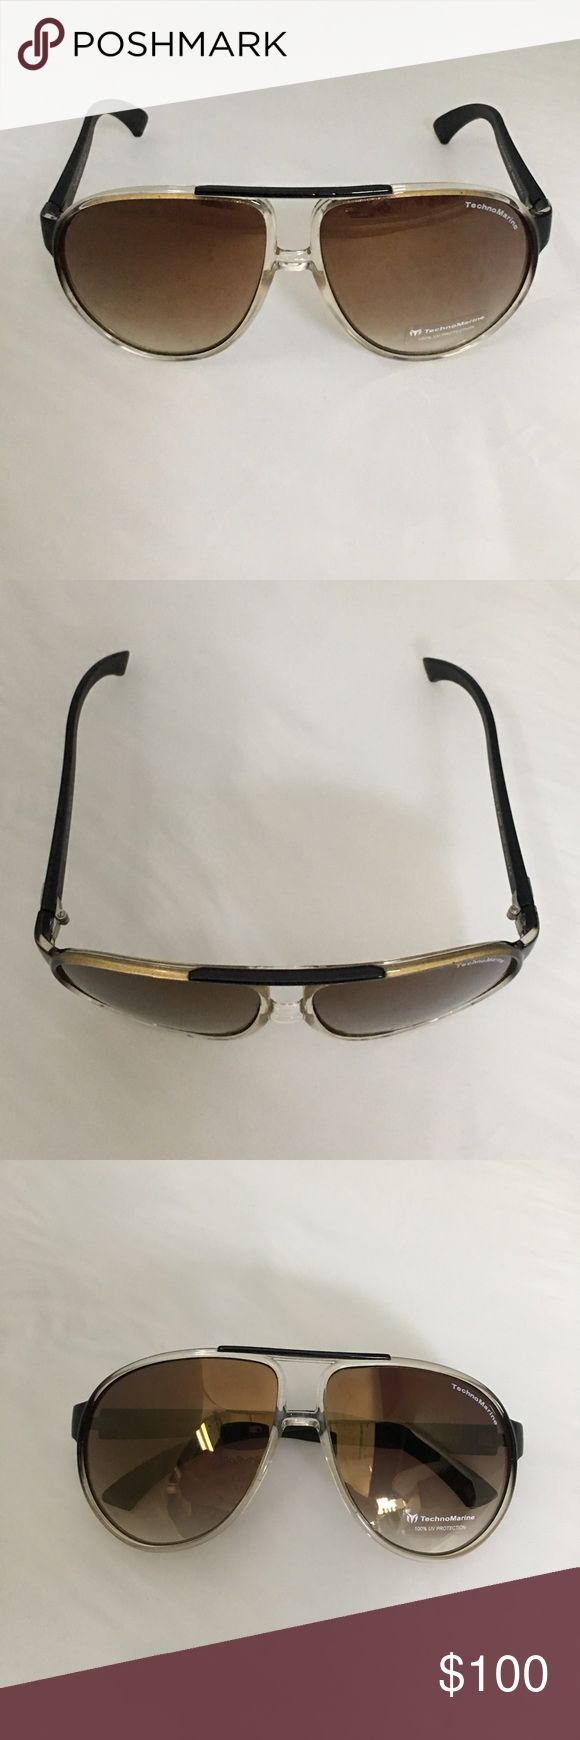 Unisex TechnoMarine Sunglasses Brand New with original packaging, Sku: Cruise Sport Col. 9 Technomarine Accessories Sunglasses